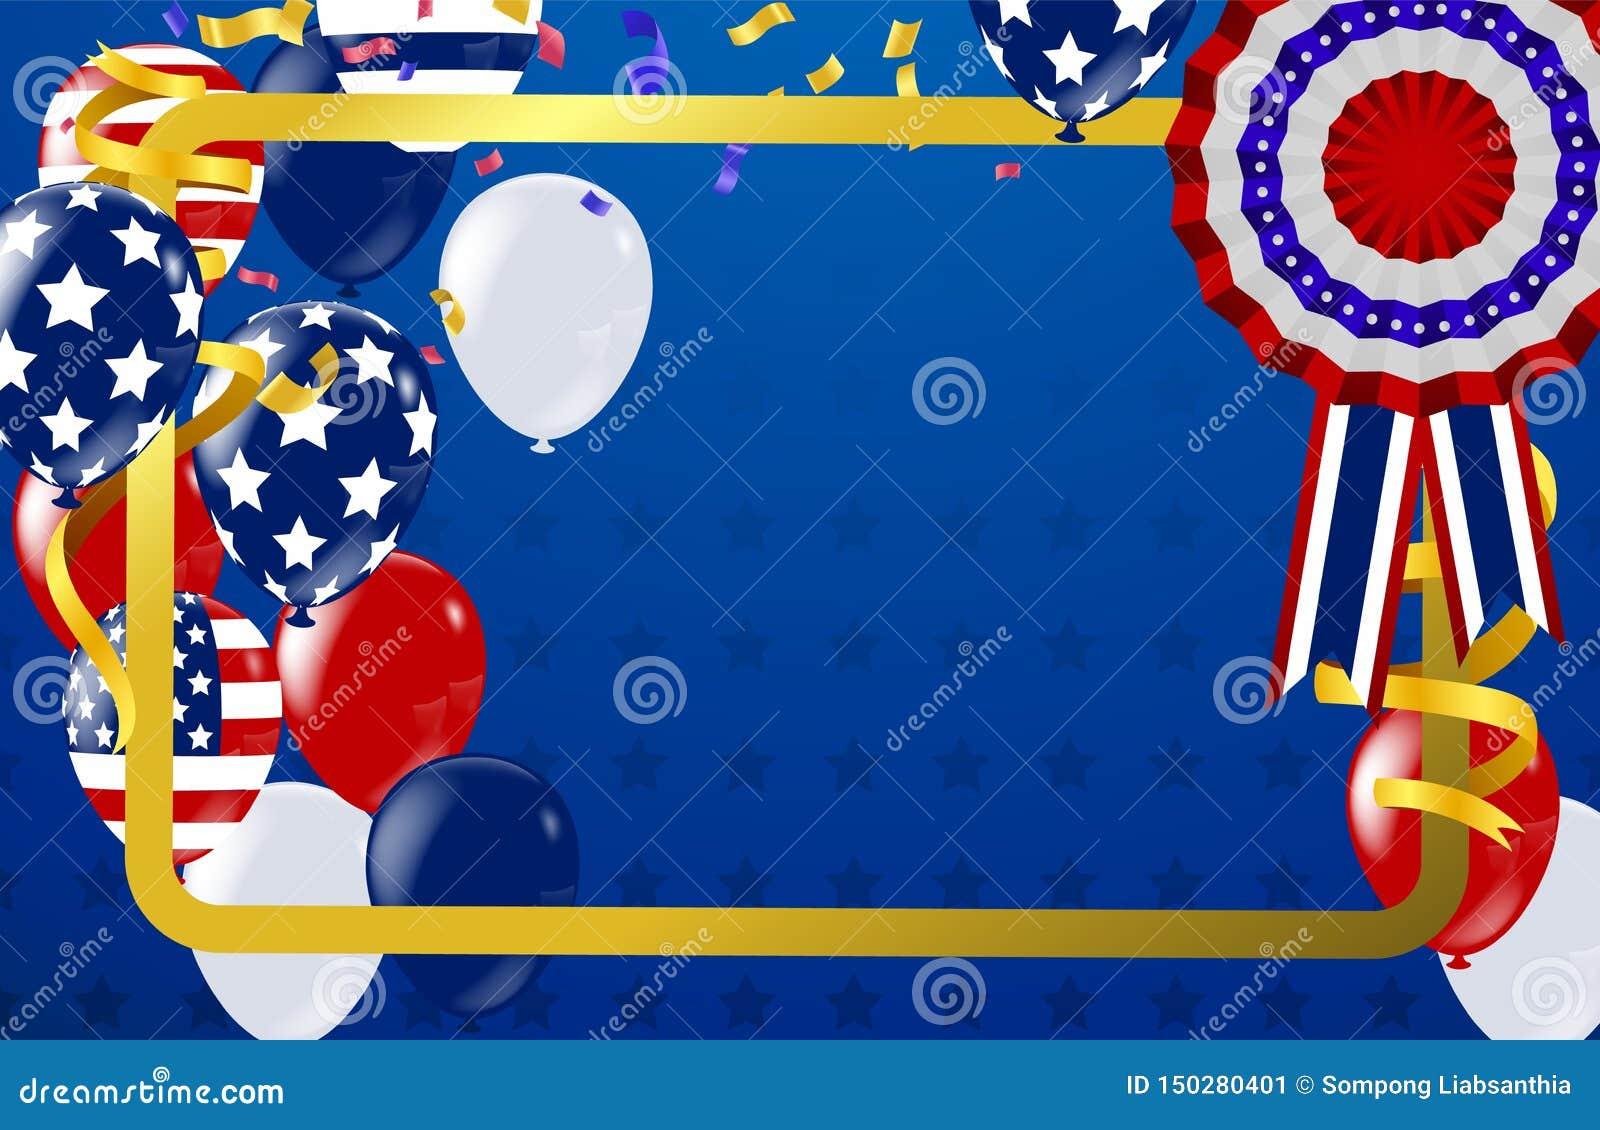 4ος ΗΠΑ της ημέρας της ανεξαρτησίας Ιουλίου, του διανυσματικού προτύπου με τη αμερικανική σημαία και των χρωματισμένων μπαλονιών